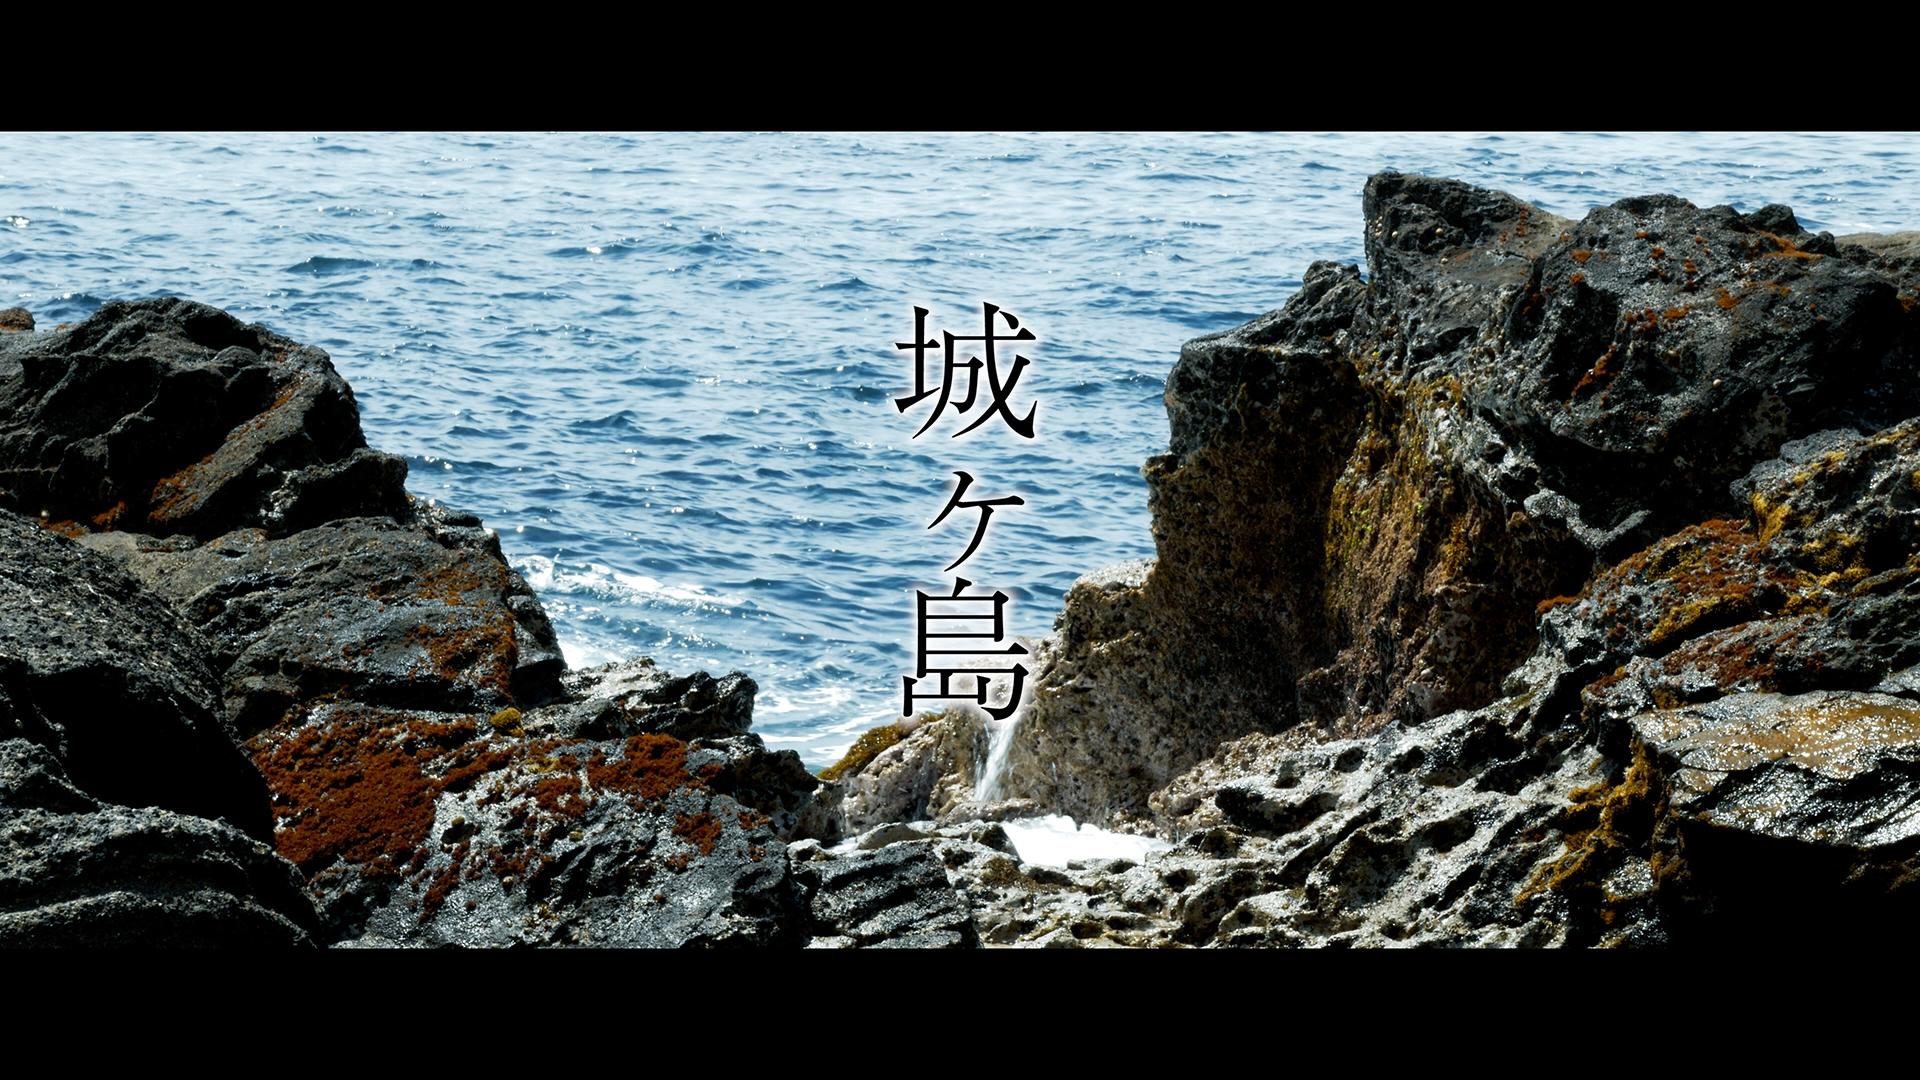 楽しい空撮「城ヶ島」 - DJI Mavic 2 Proで空撮 2021年4月